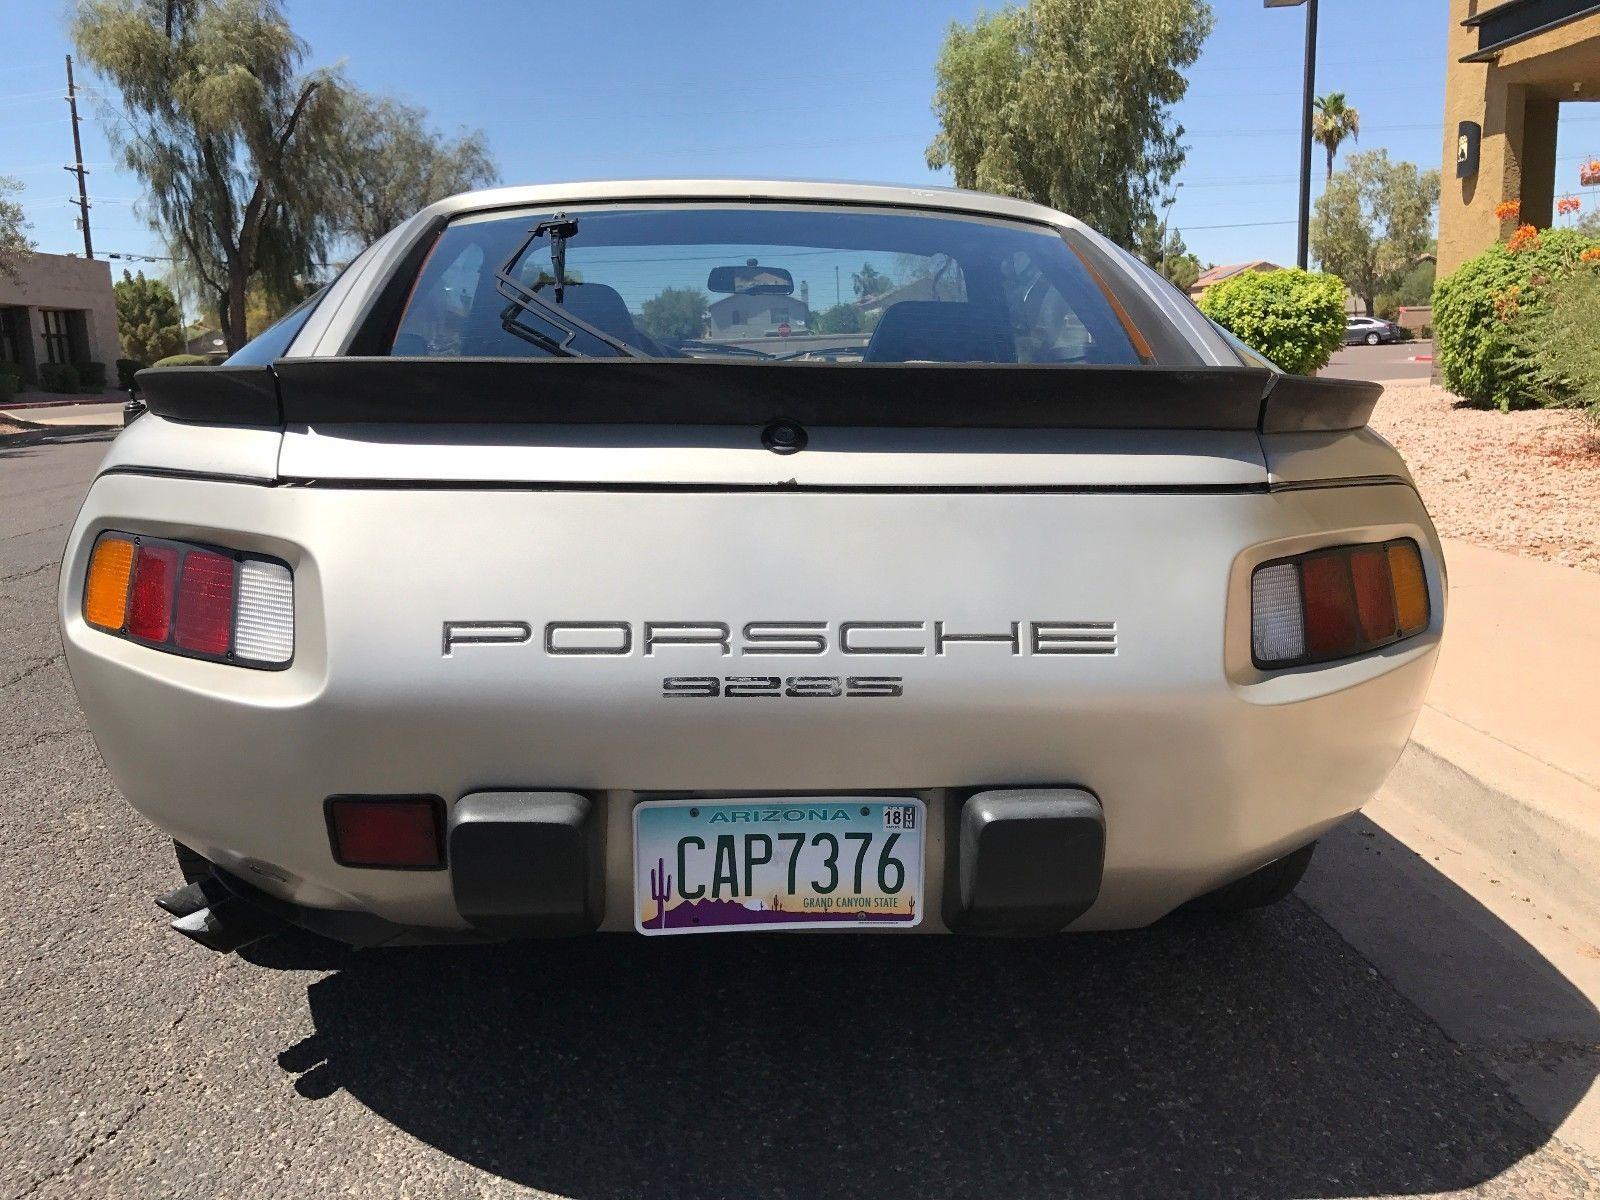 1983 Porsche 928 928s Euro Pinterest Luxury Timing Belt Rare Import Sunroof Delete 49k 300hpfresh